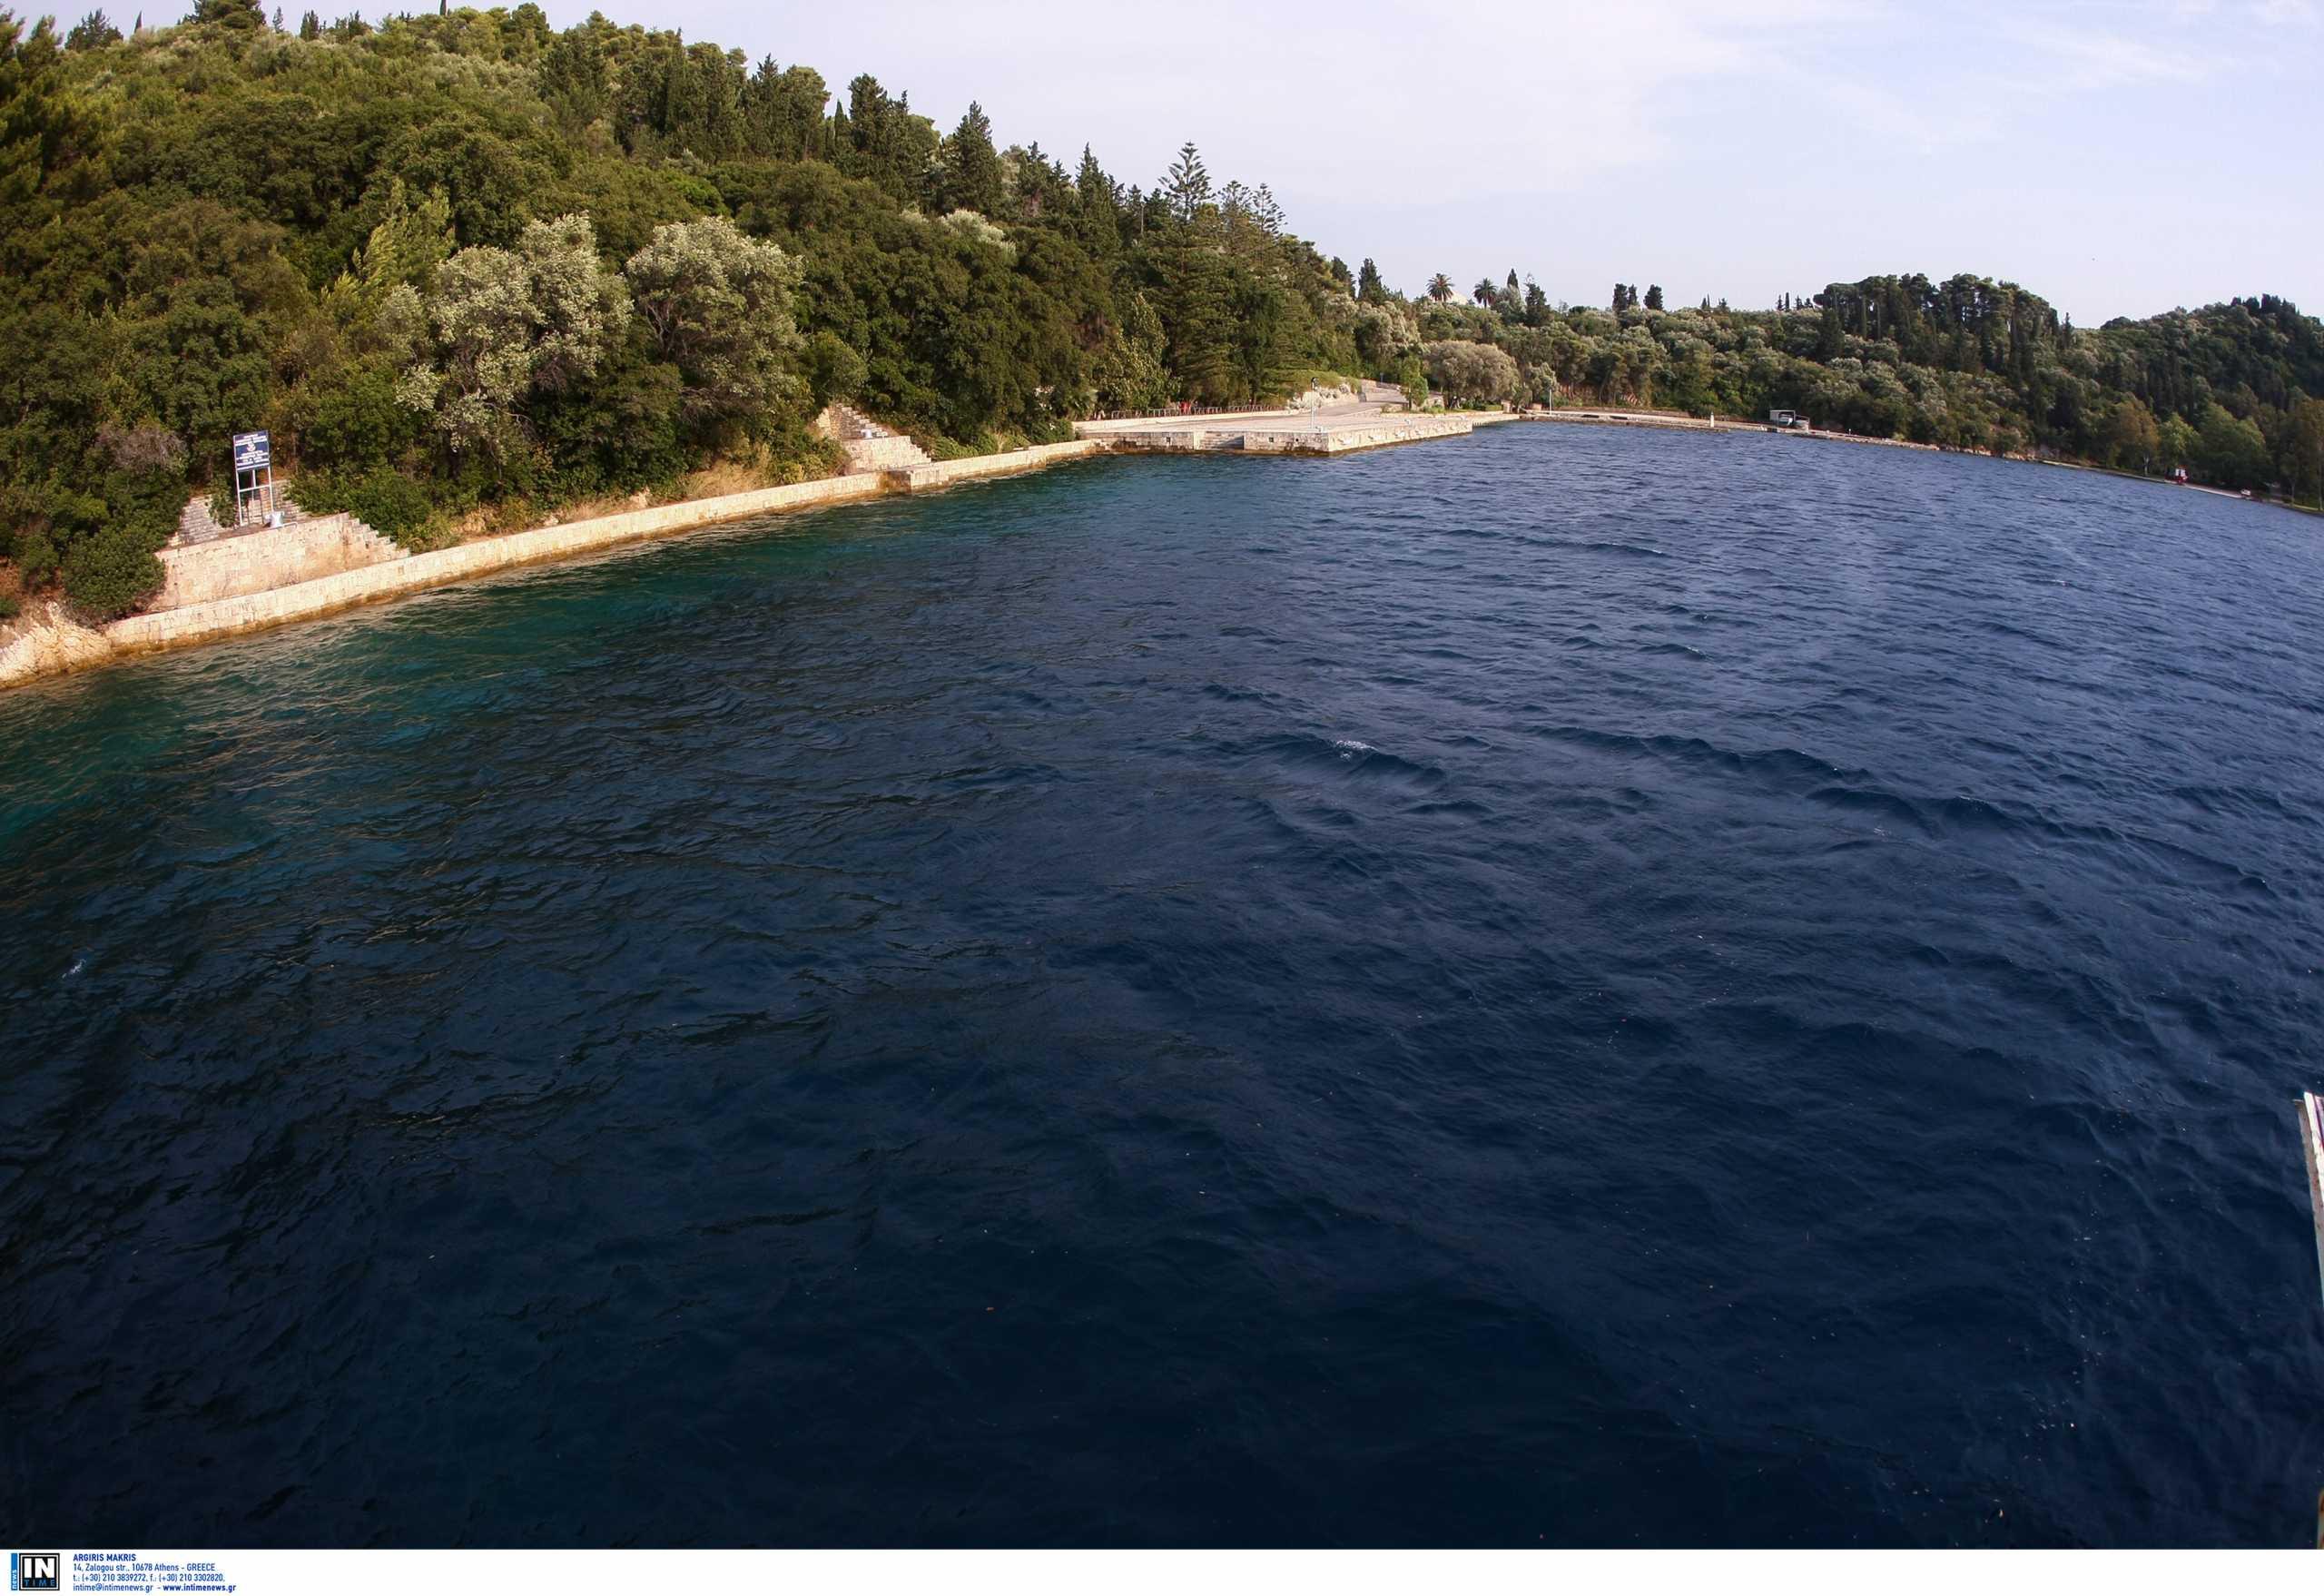 Τουριστικός «παράδεισος» ο Σκορπιός: Ο Ριμπολόβλεφ κάνει το νησί του Ωνάση VIP Exclusive Club